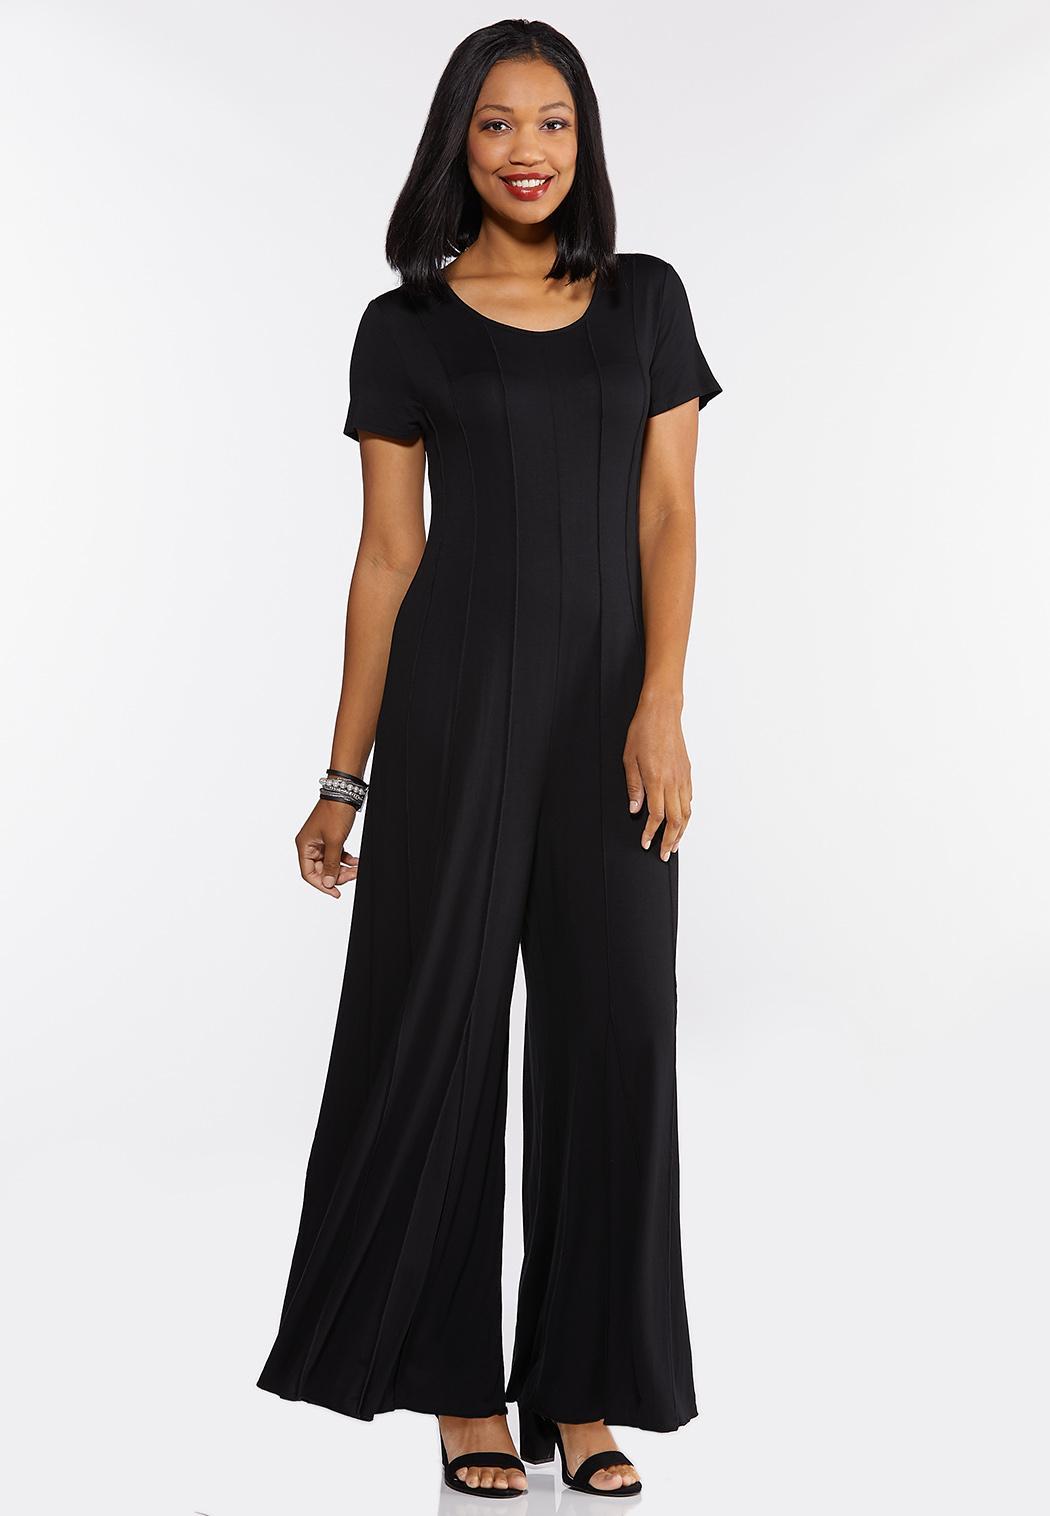 Plus Size Seamed Black Jumpsuit